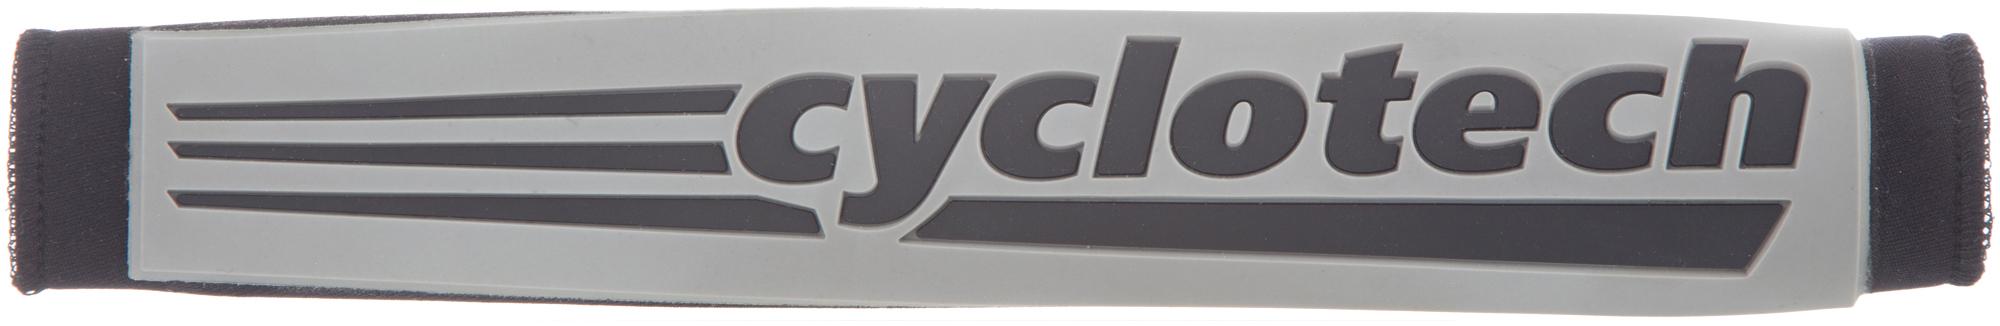 Cyclotech Неопреновая защита перьев Cyclotech подушка декоративная togas пагода наполнитель полиэфир цвет синий золотой 45 х 45 см